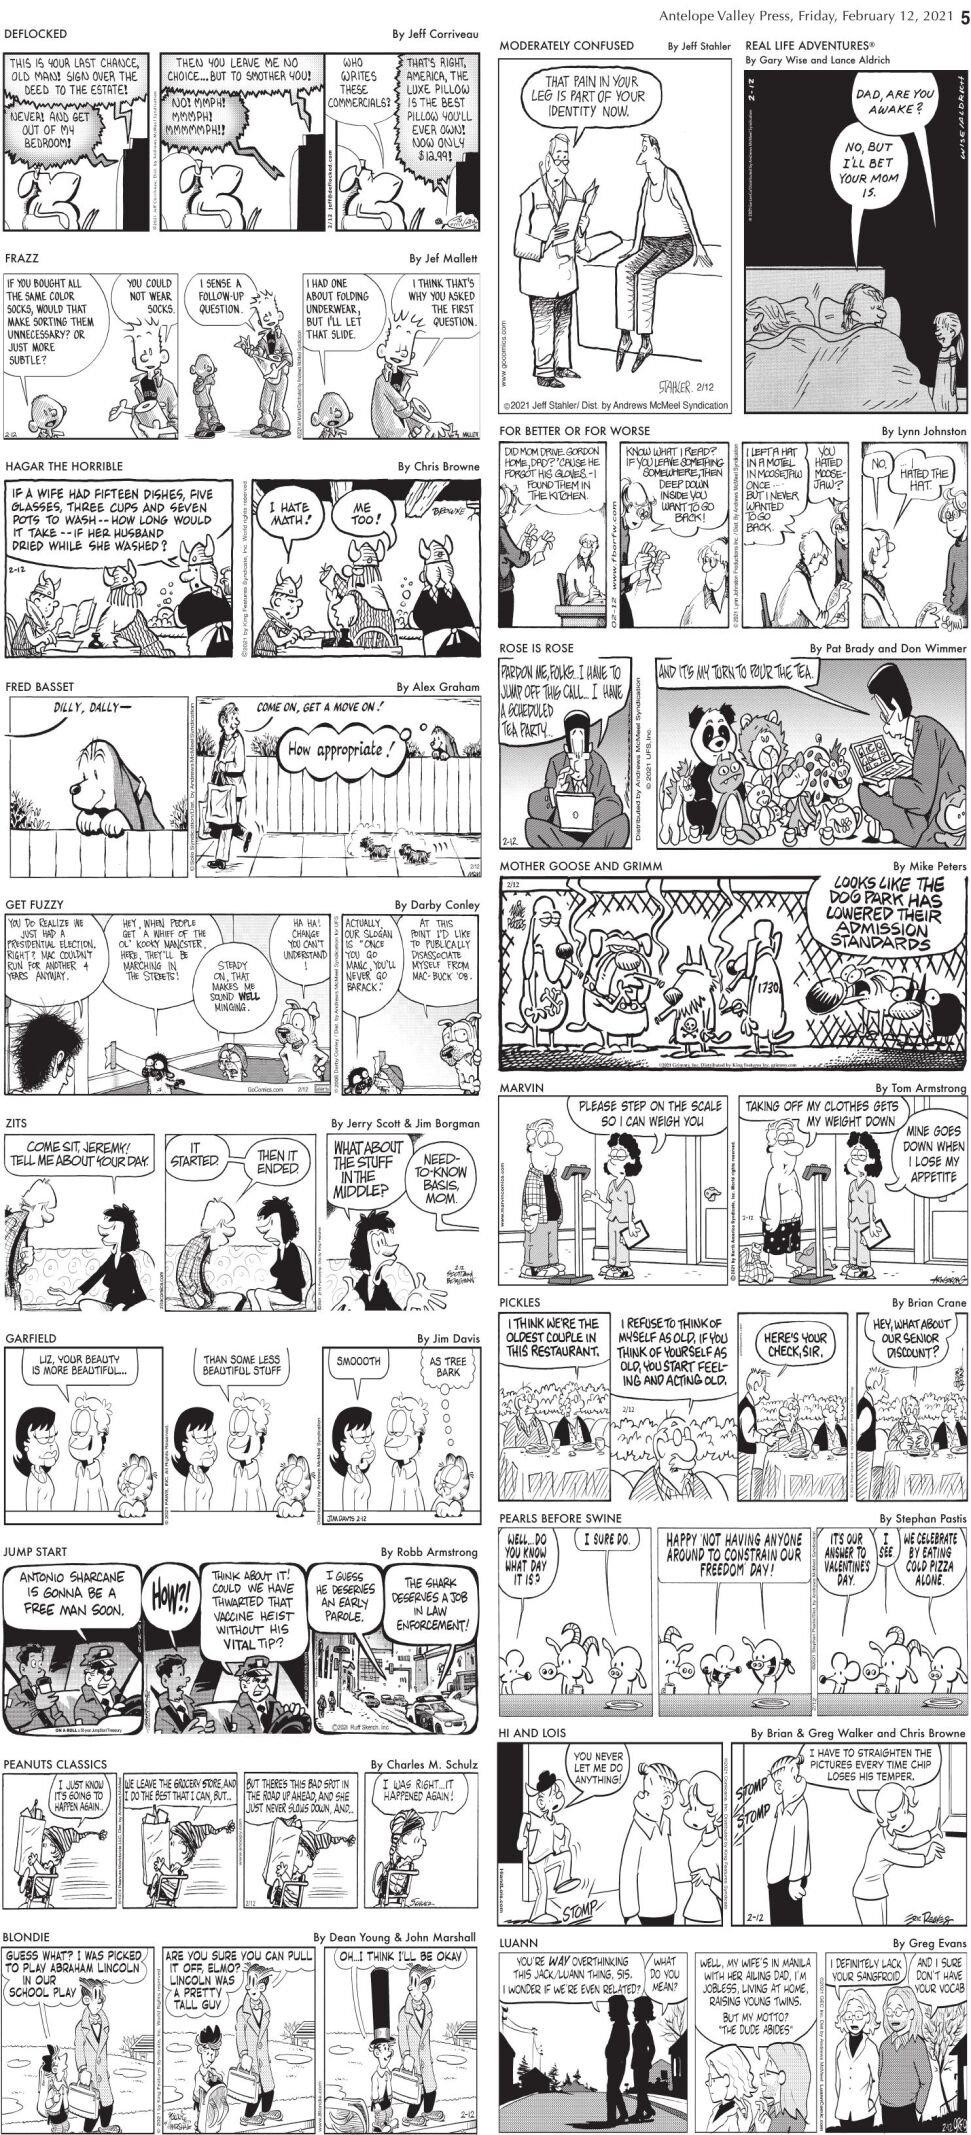 Comics, Feb. 12, 2021